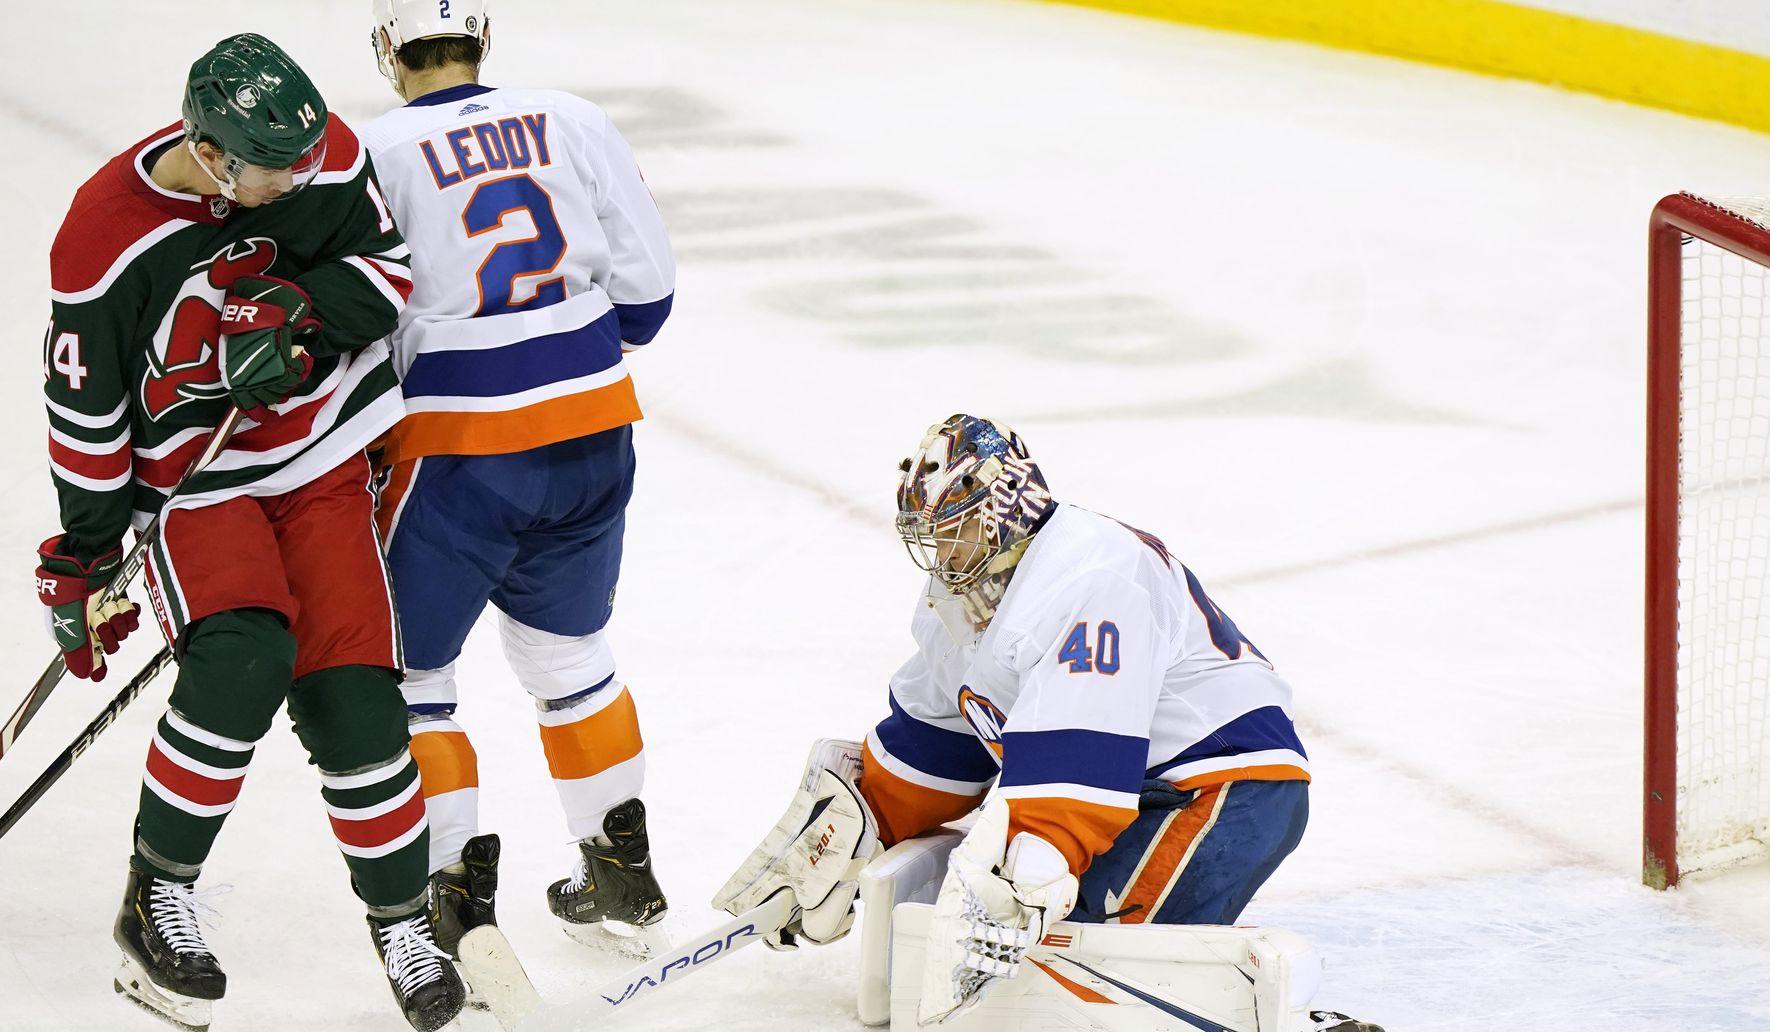 Islanders_devils_hockey_63576_c0-211-5048-3154_s1770x1032